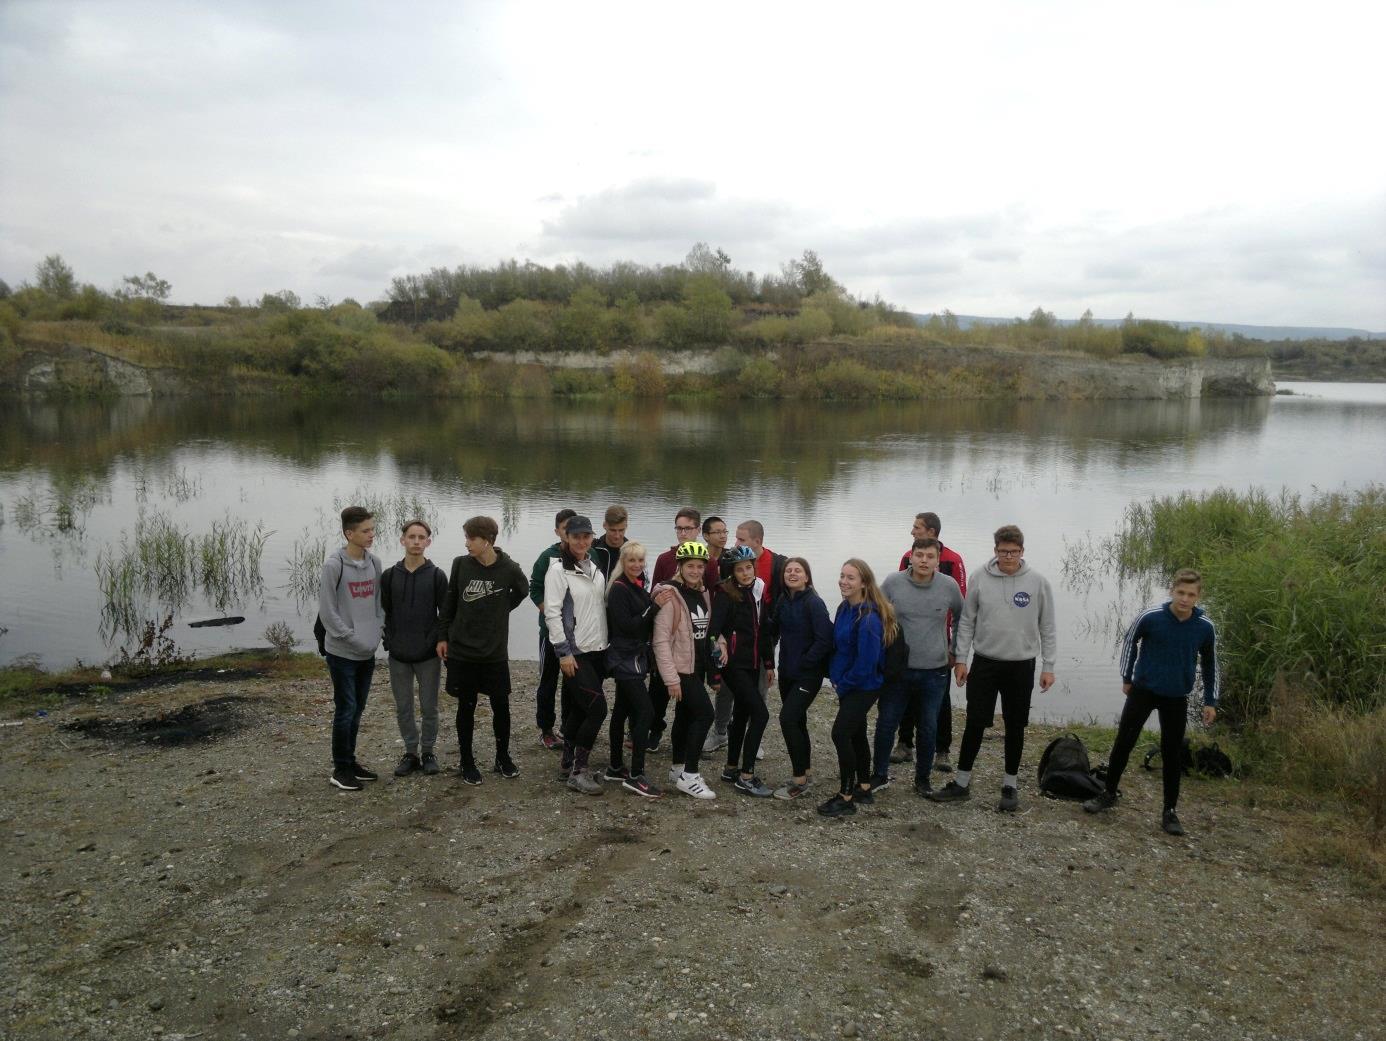 28. A diákcsoport a volt külszíni lignitbányánál, ahol a Masztodon ősállatot megtalálták